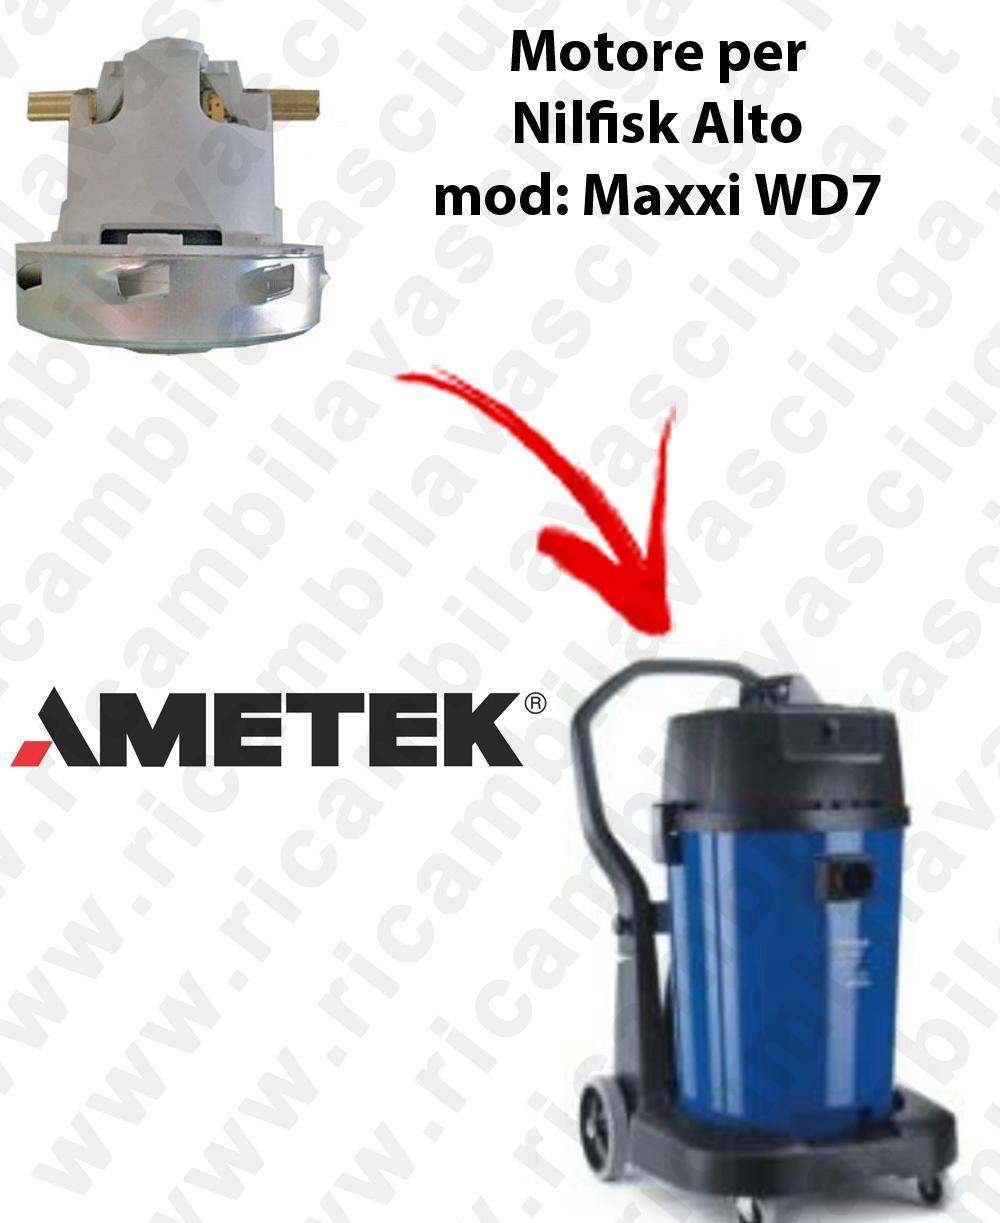 MAXXI WD7  MOTEUR ASPIRATION AMETEK pour aspirateur Nilfisk Alto